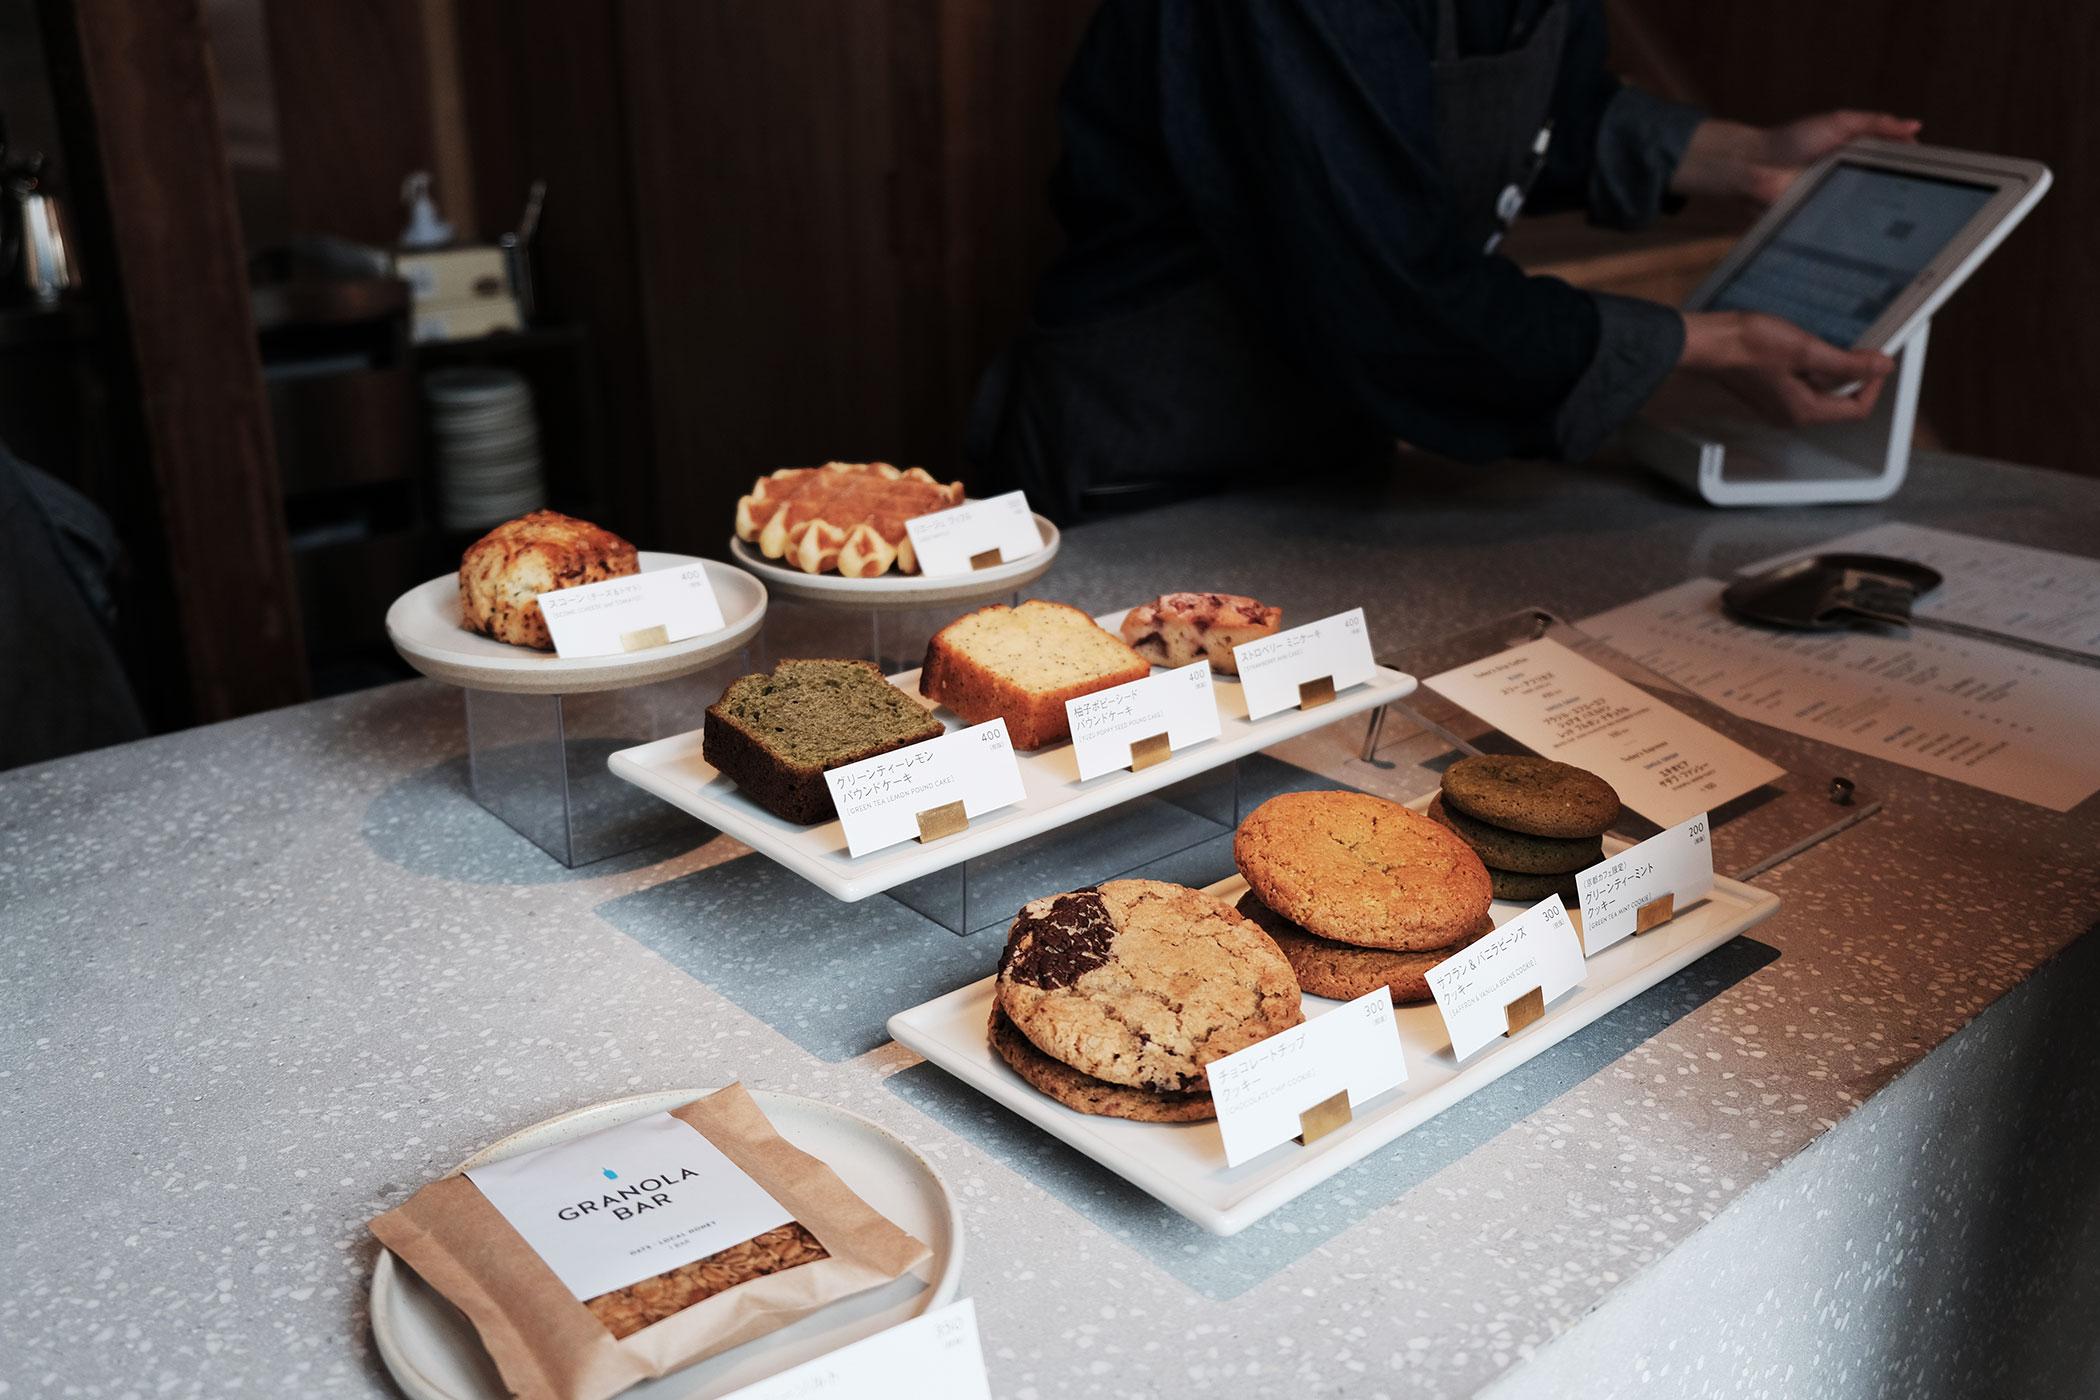 待望の初出店!ブルーボトルコーヒーの関西第一号は京都の南禅寺に ブルーボトルコーヒー 京都カフェ (BLUE BOTTLE COFFEE KYOTO) 焼き菓子2